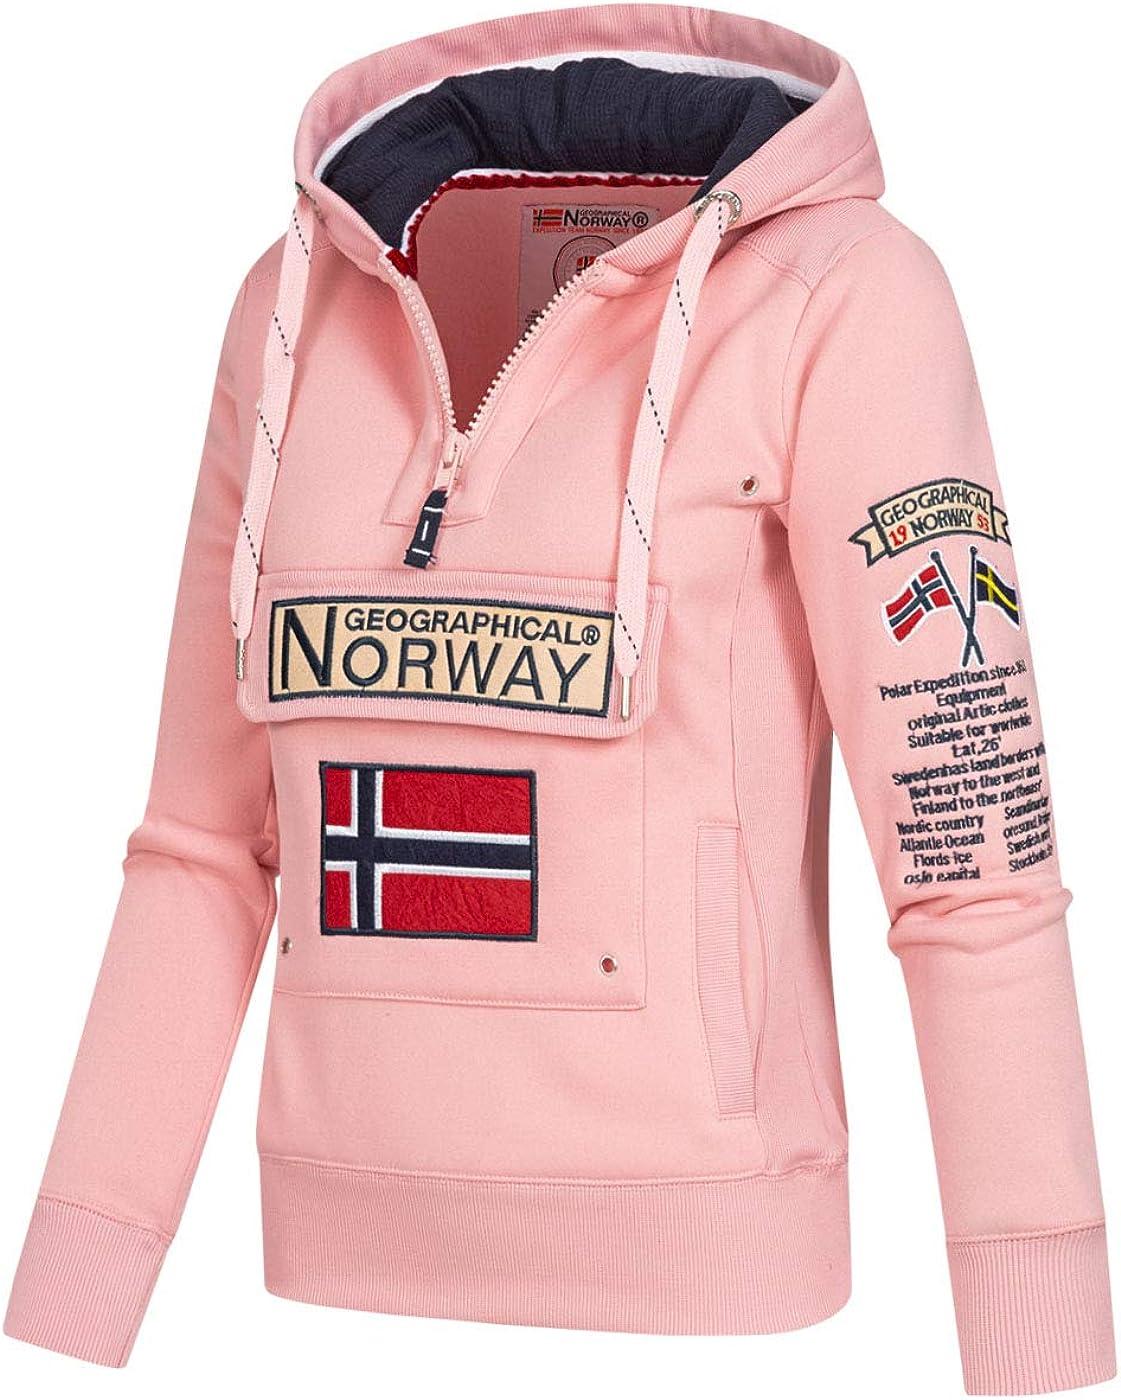 Geographical Norway Sudadera para mujer